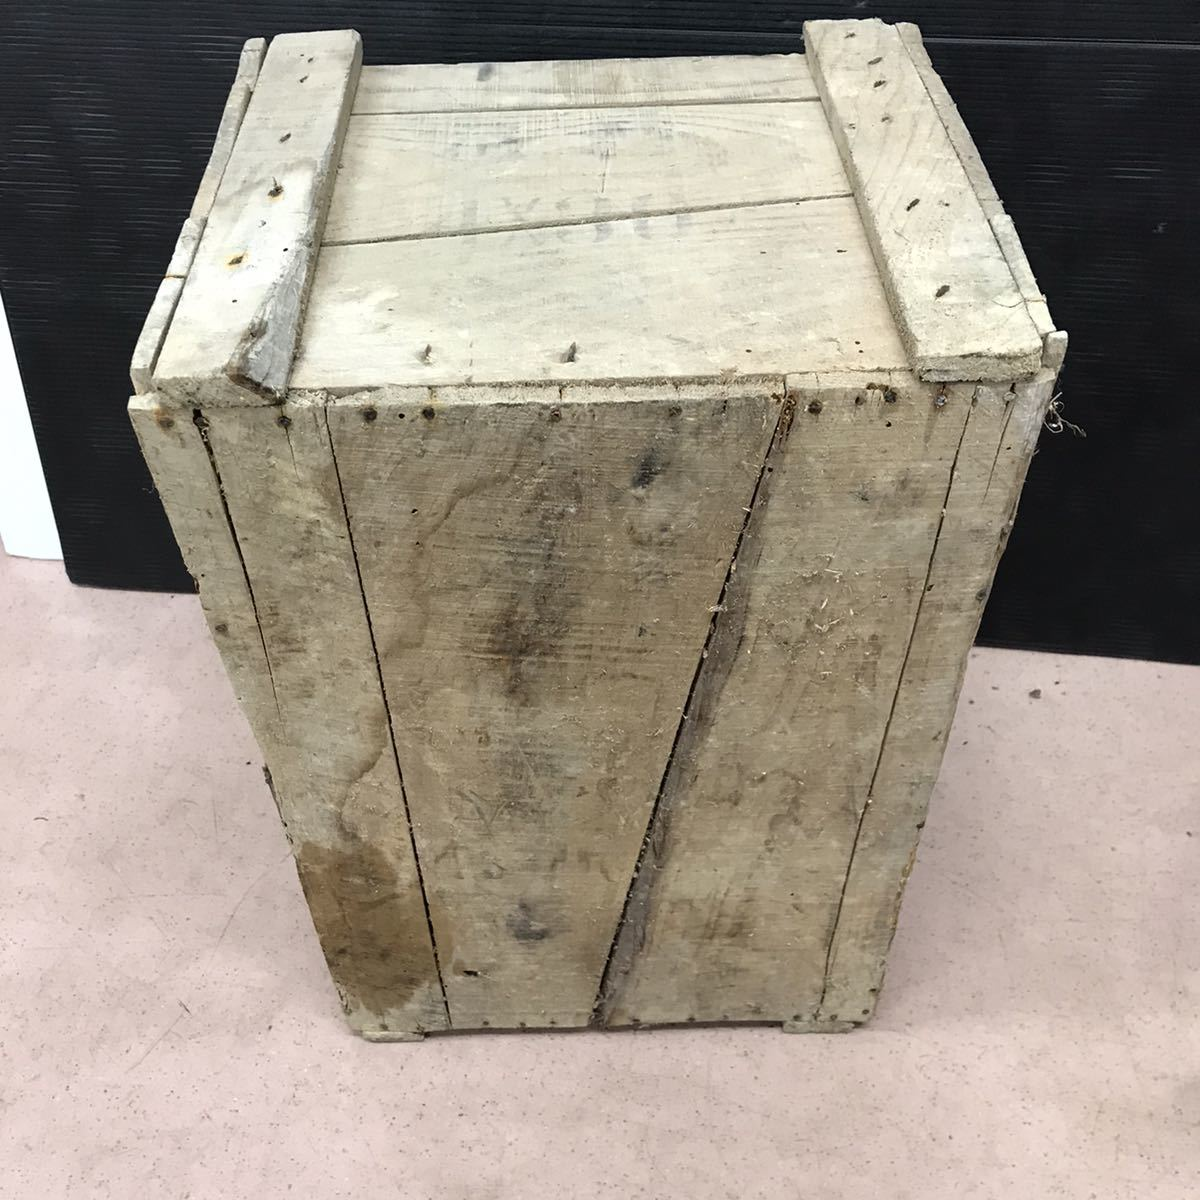 昭和レトロ 木箱 アンティーク ビンテージ ディスプレイ 古民家 ②_画像6